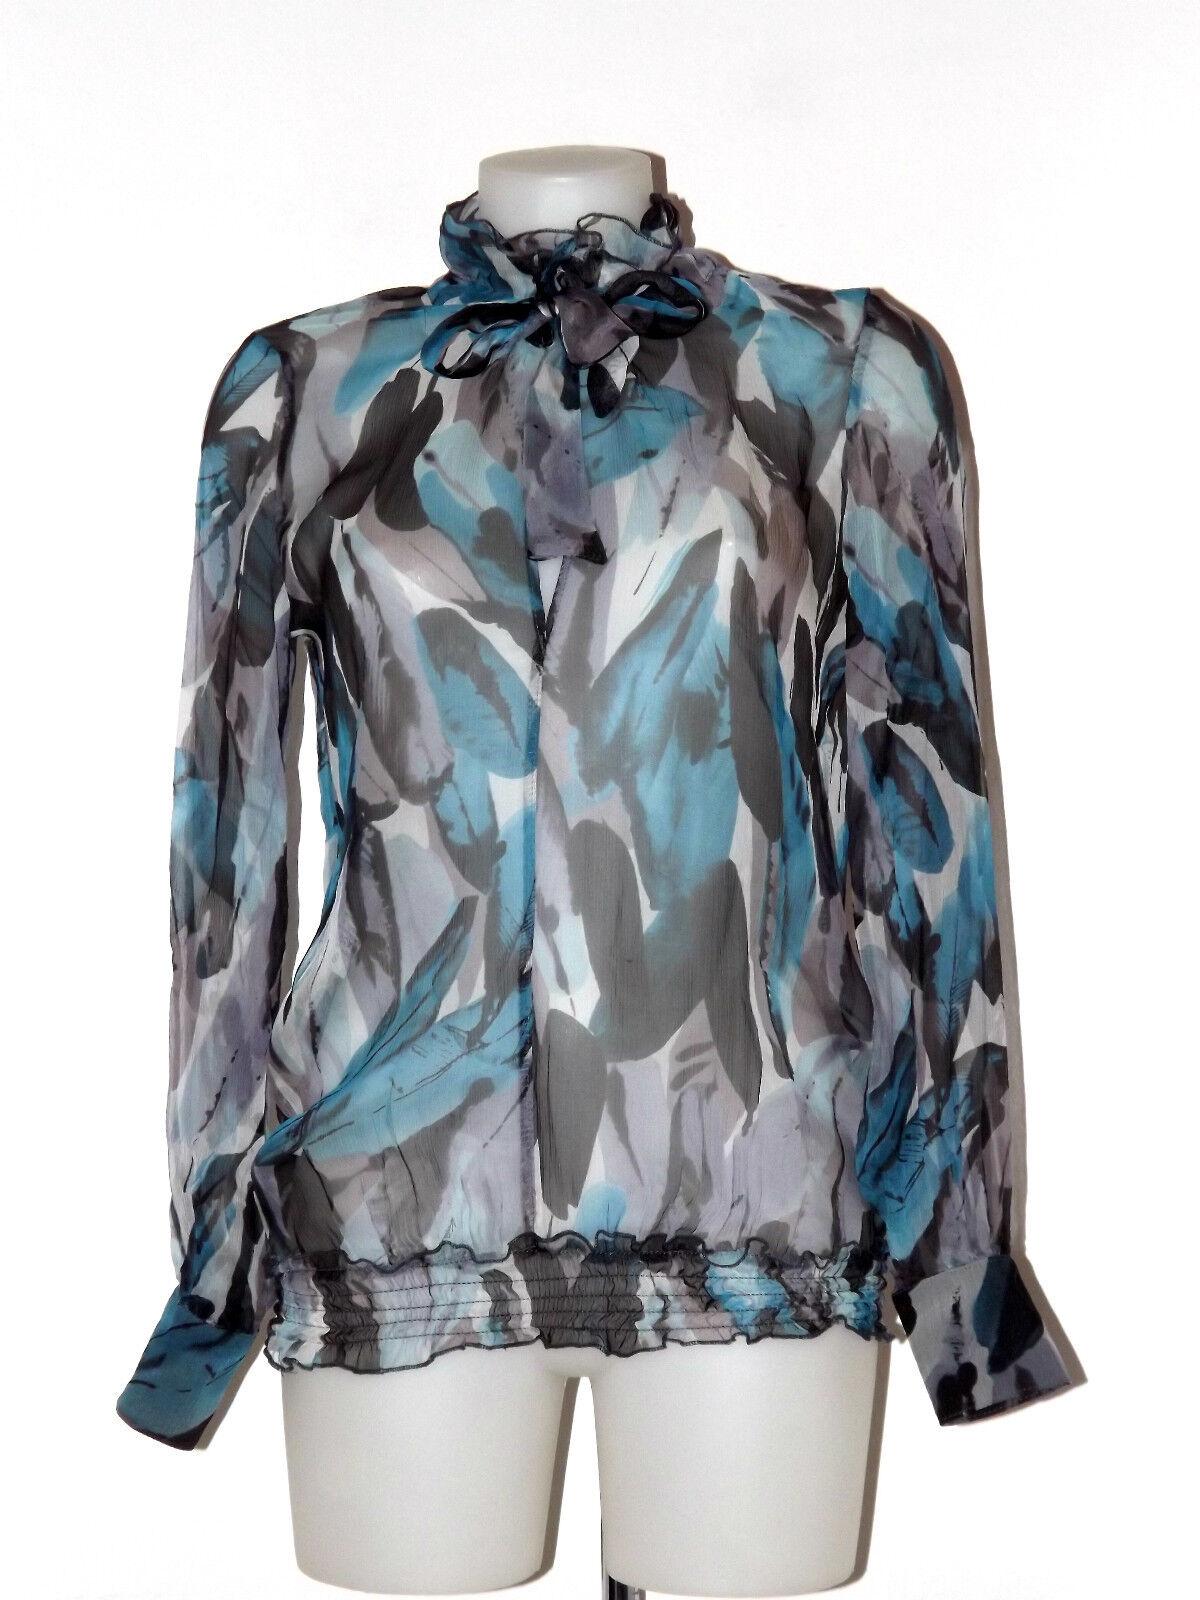 Koralline Hemd Seide GR. S Fantasie Grau Blau Schleifchen Curl Made in